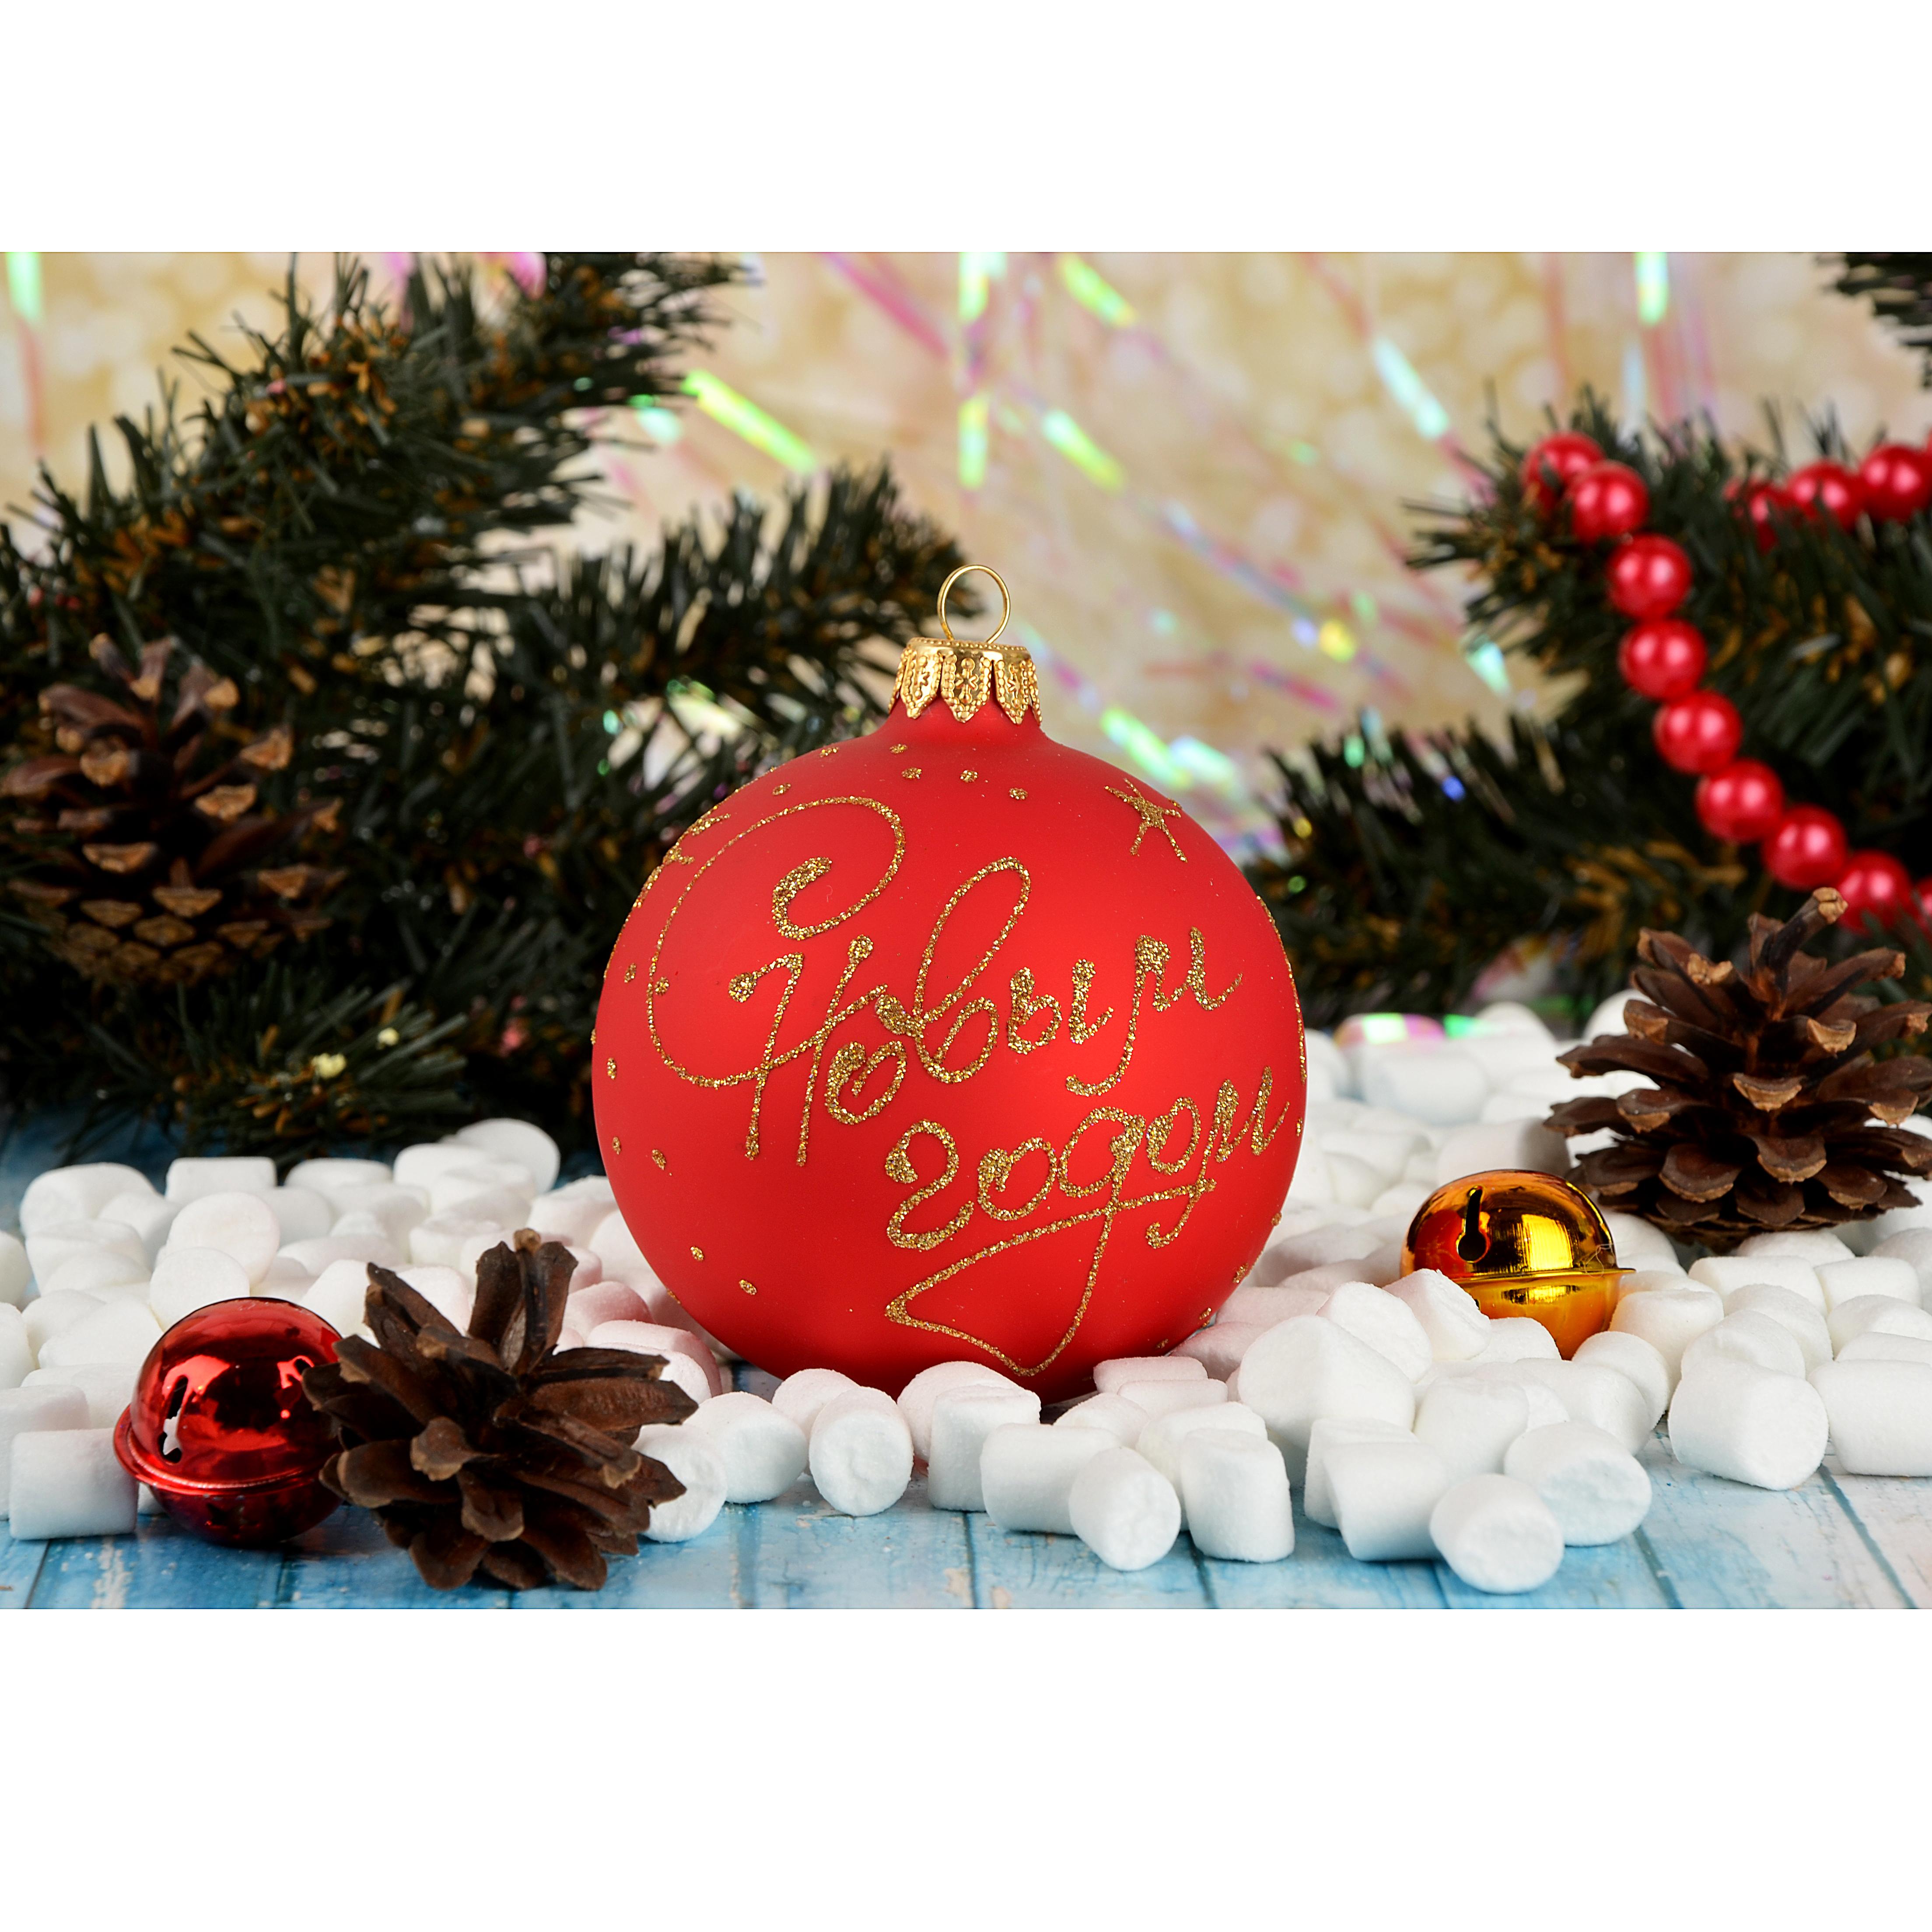 """Елочный шар ручной работы СНОУ БУМ """"С Новым годом"""", 85 мм, стекло, 4 дизайна"""